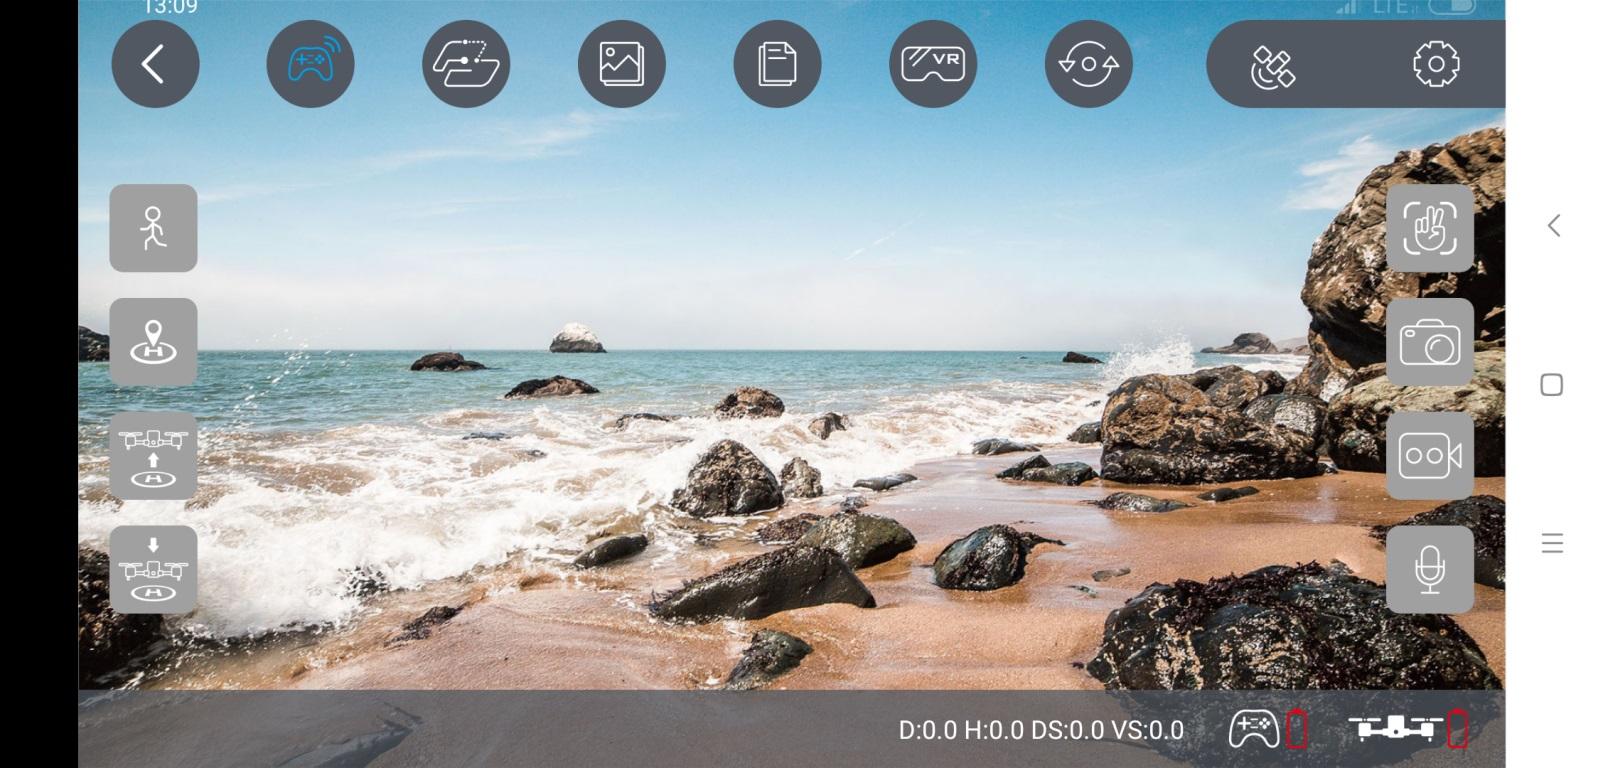 Recenzja drona SJRC F11 PRO - aplikacja na smartfony SJ GPS PRO - widok z kamery